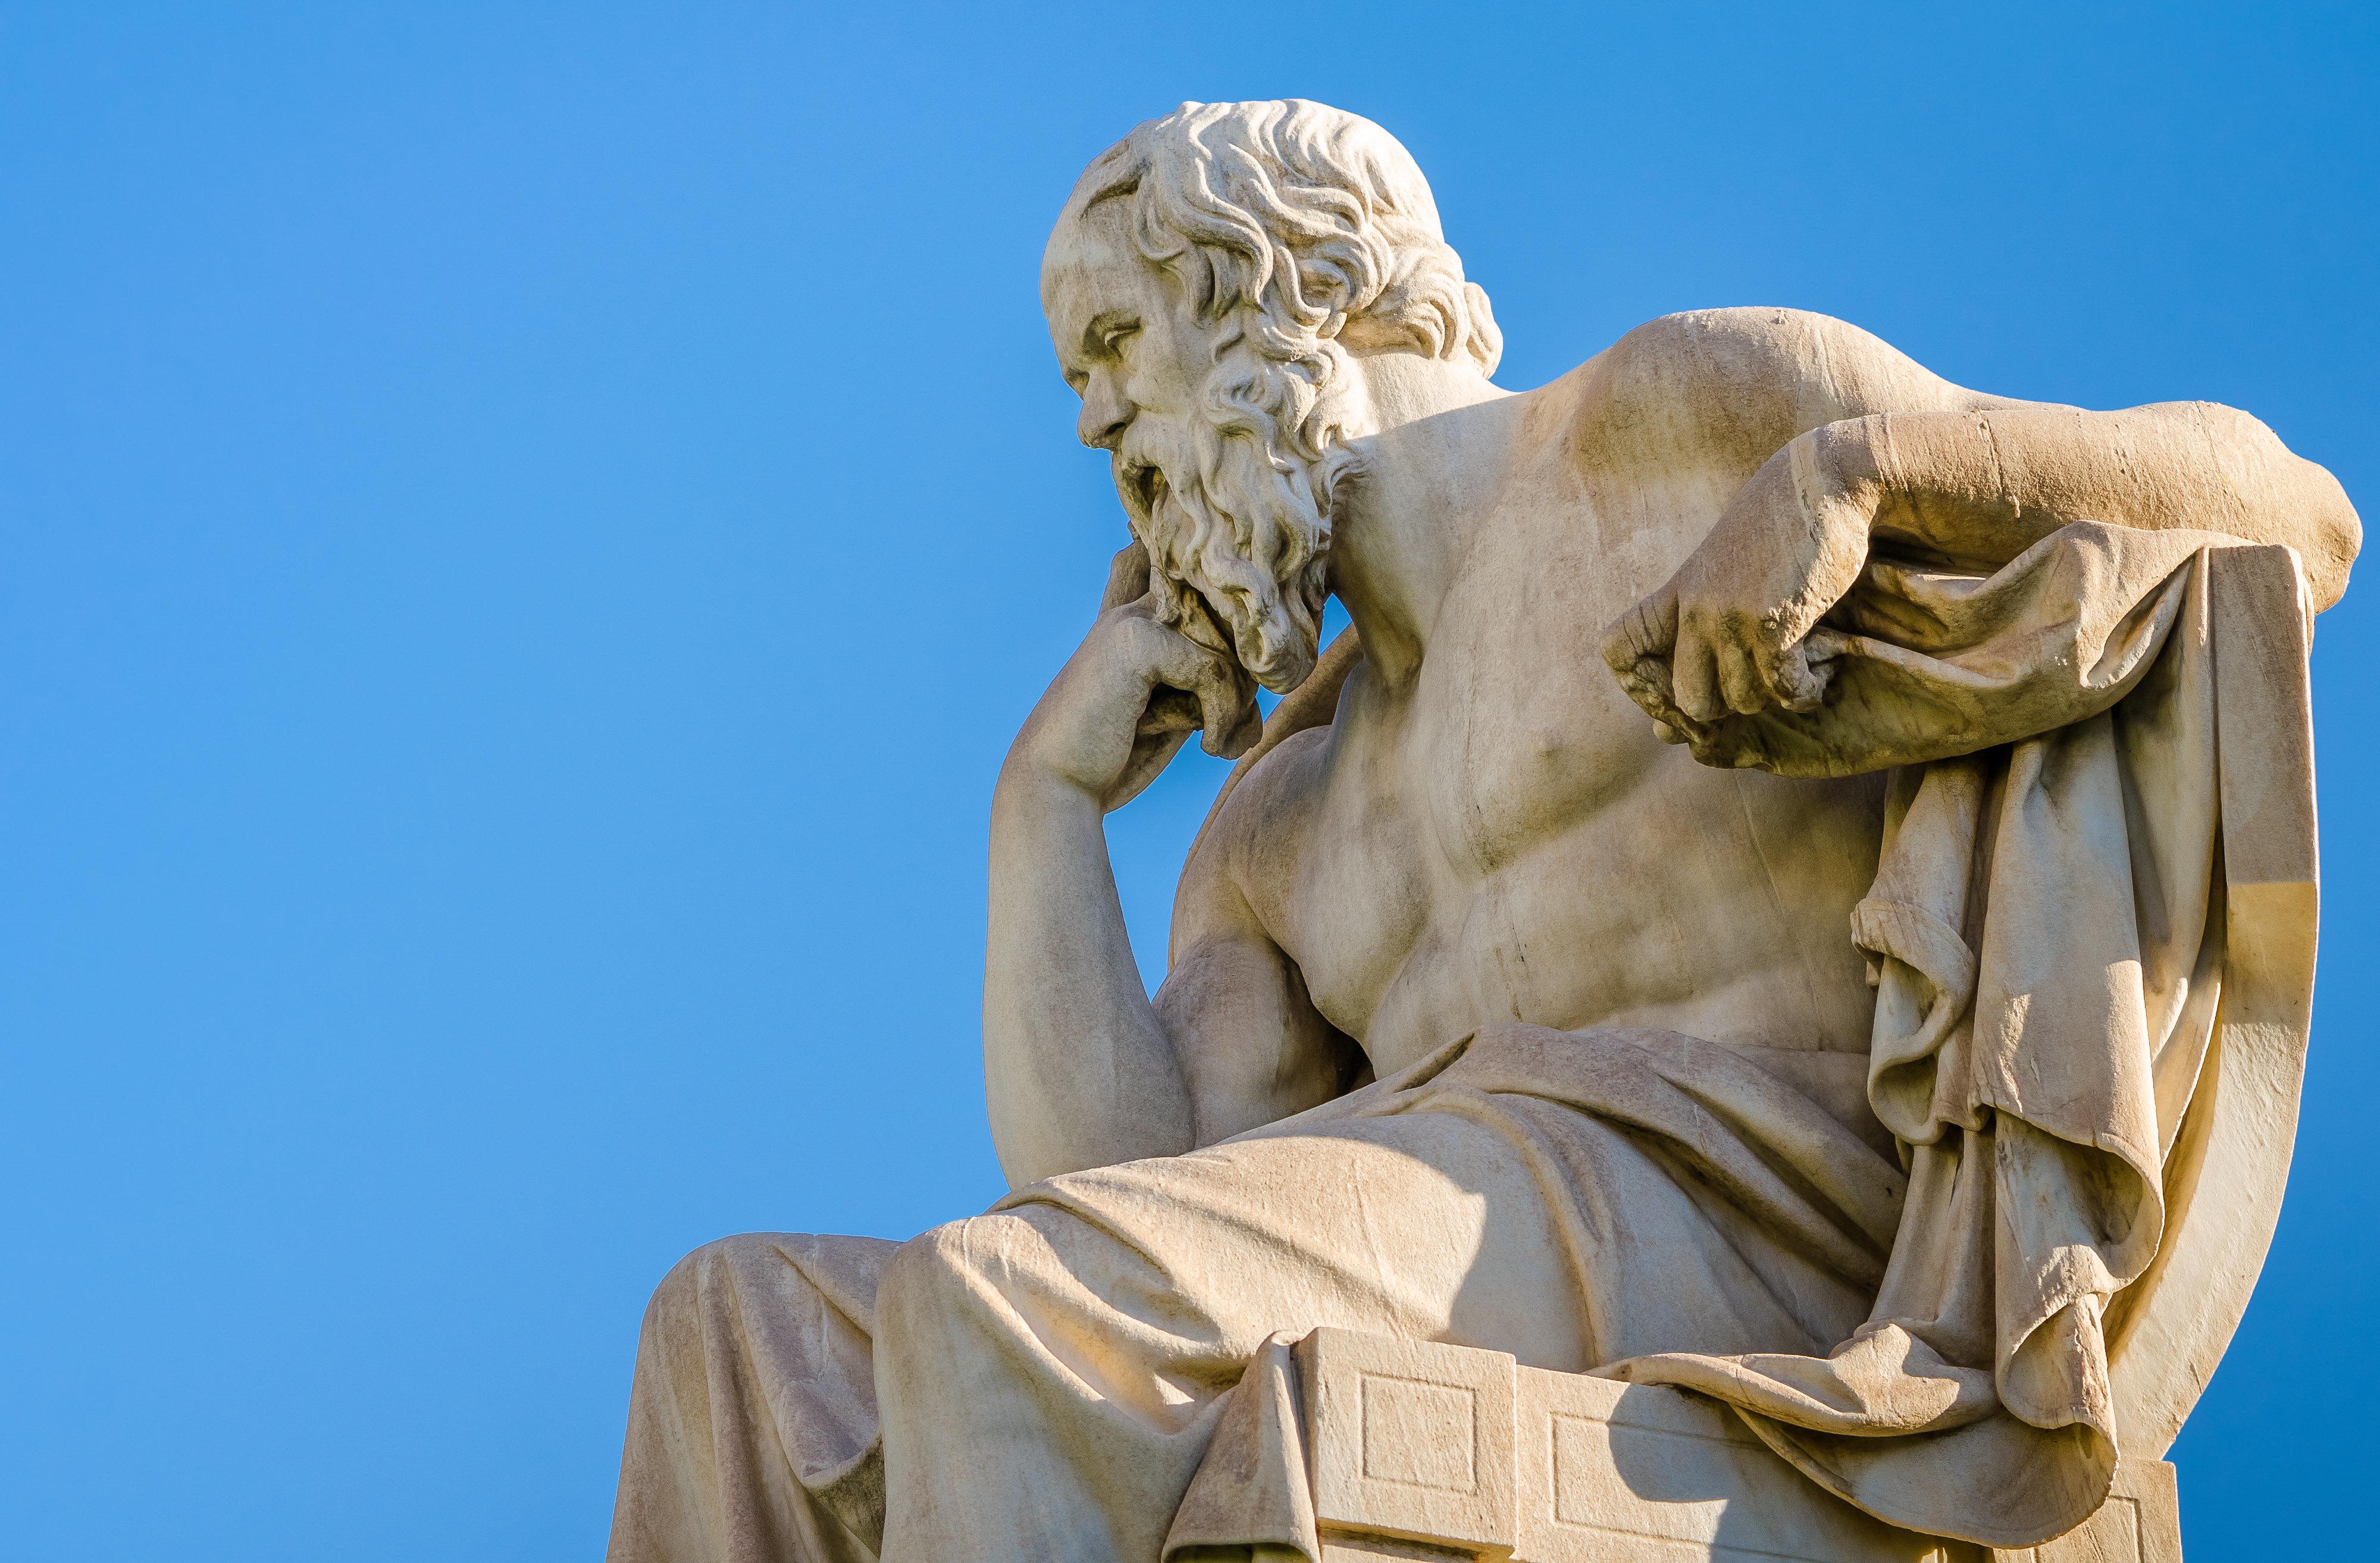 Δεκατέσσερις Eλληνες πανεπιστημιακοί στη λίστα επιστημόνων με τη μεγαλύτερη επιρροή